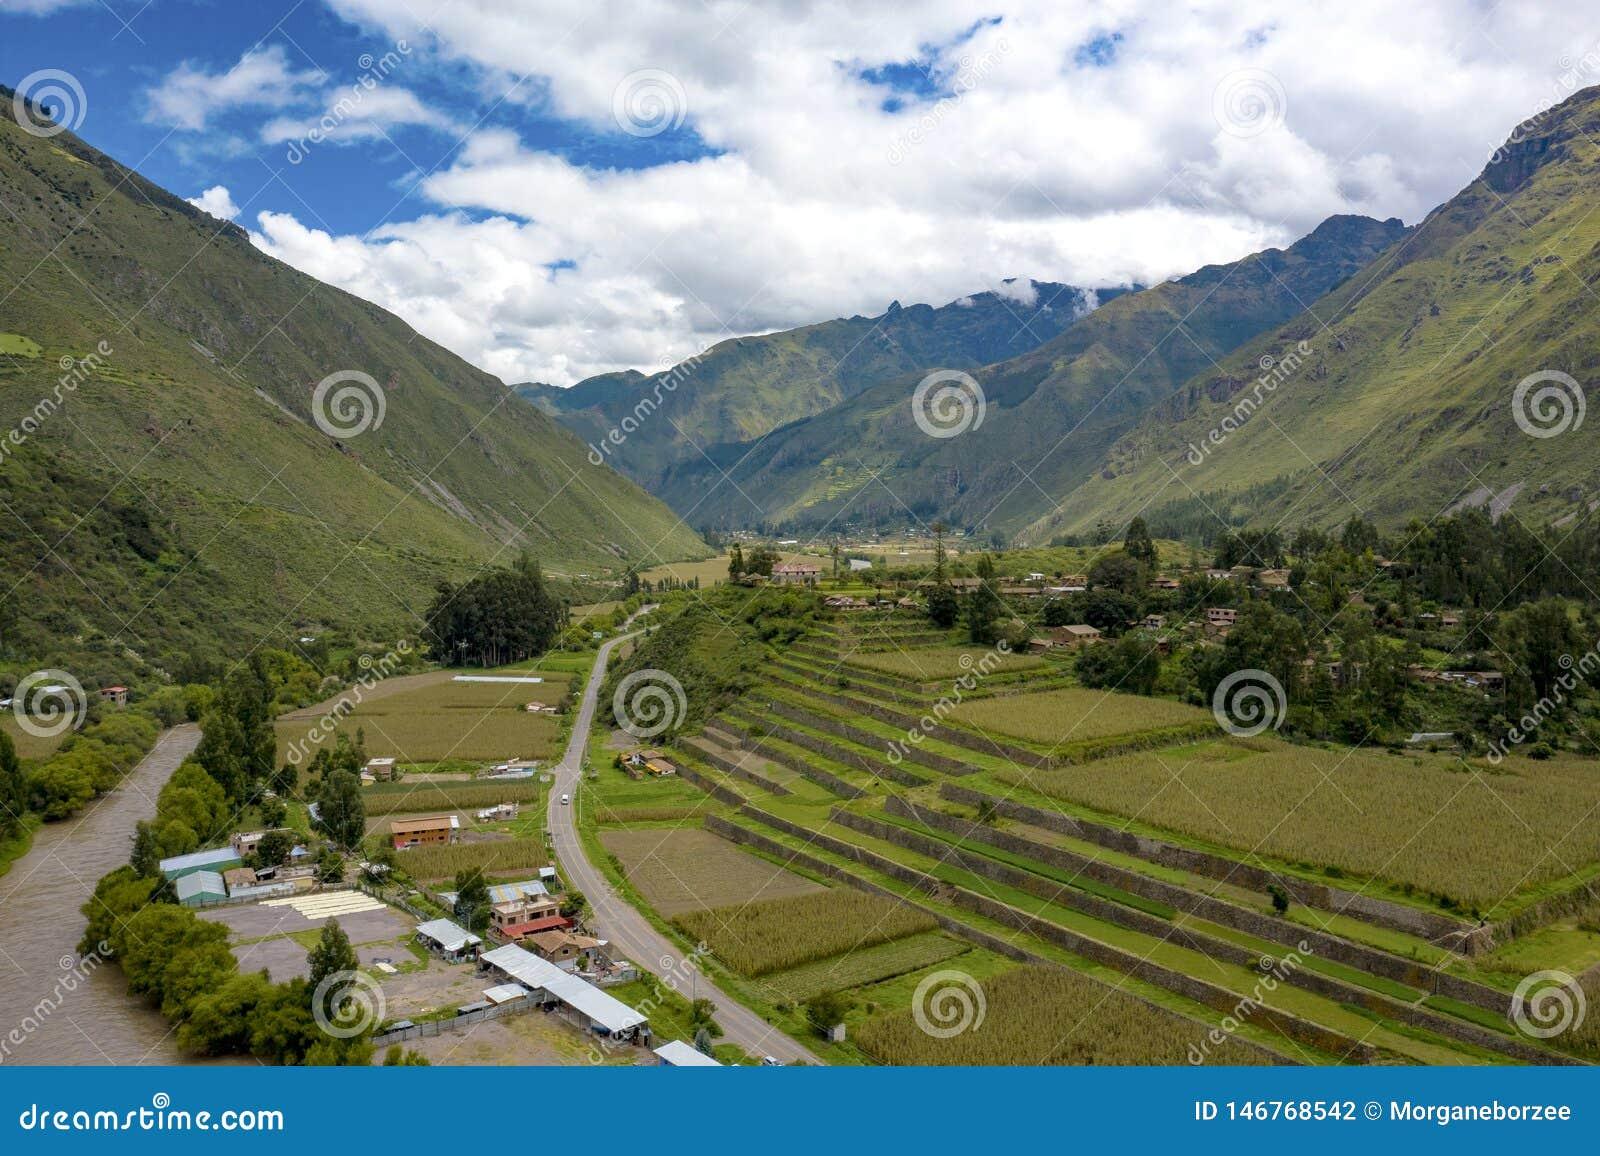 Vista aérea de terraços da agricultura do Inca no vale sagrado dos Incas